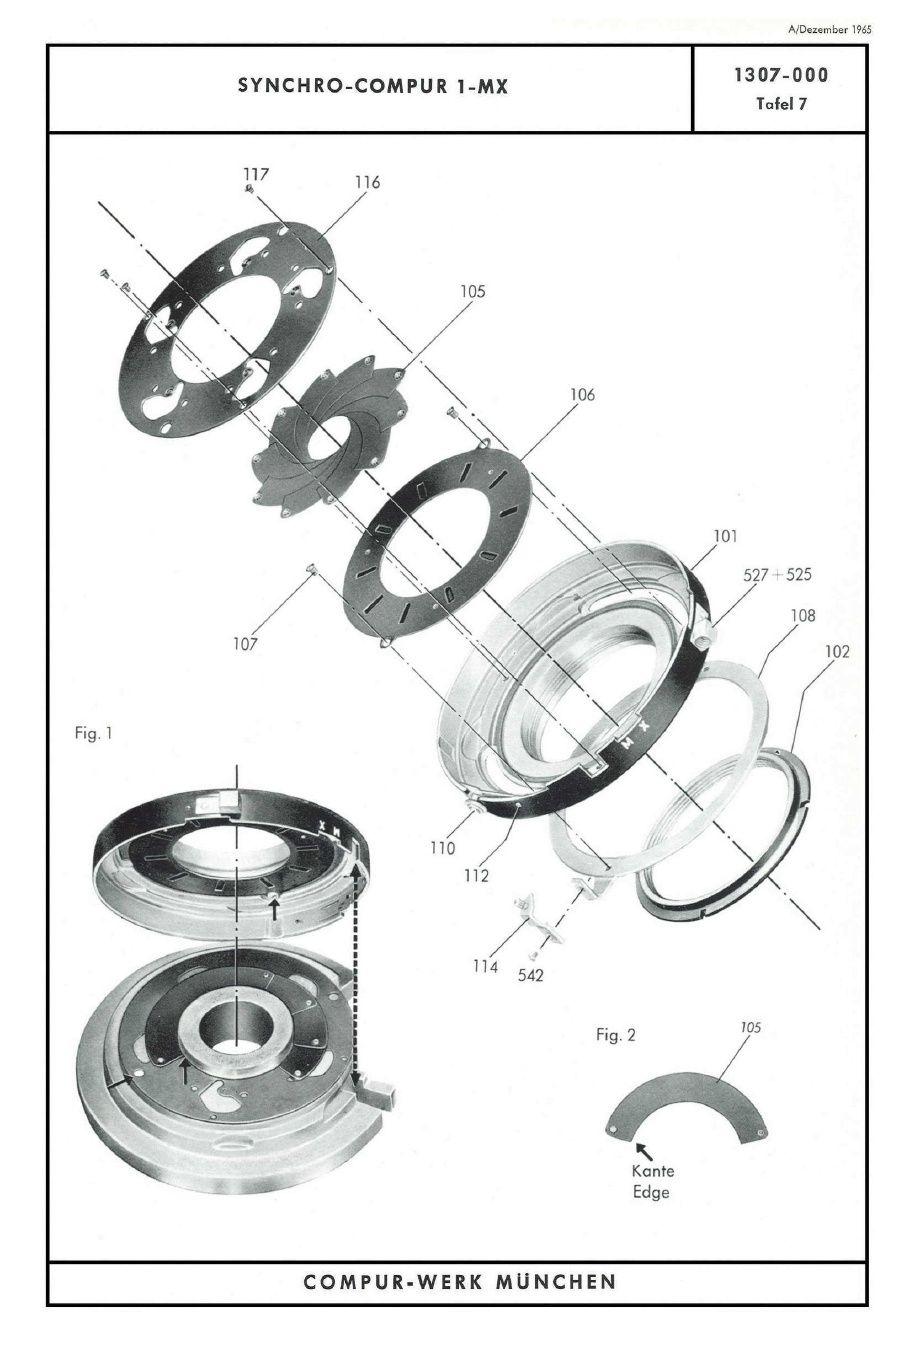 Compur Shutter Repair Manual Repair manuals, Shutters, Iris